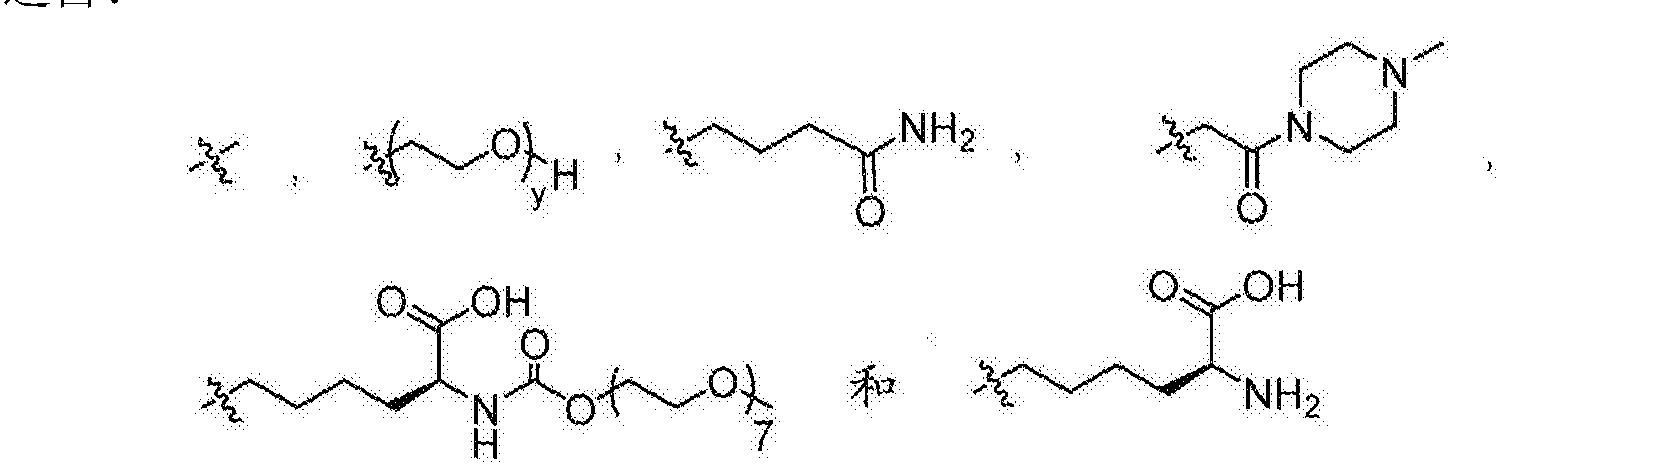 Figure CN105899237AC00022